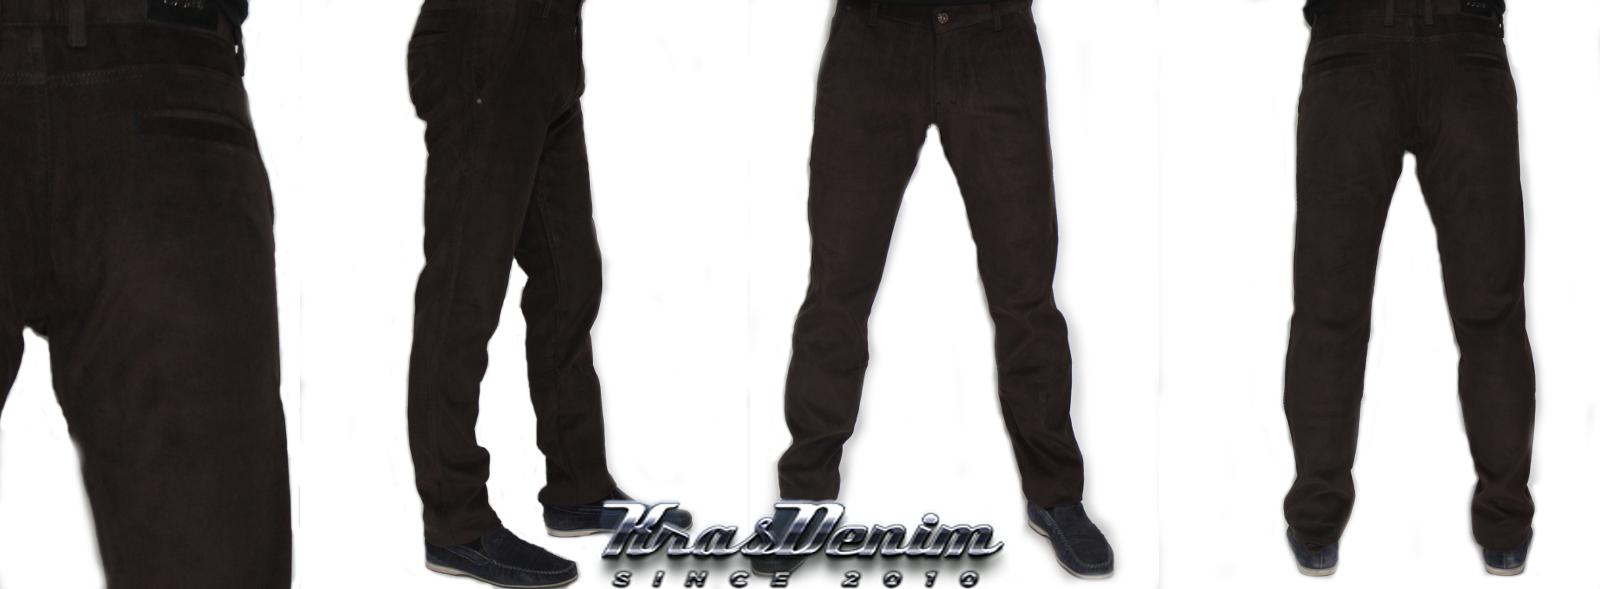 Появились мужские утепленные вельветовые брюки! Цена опта 850 р.